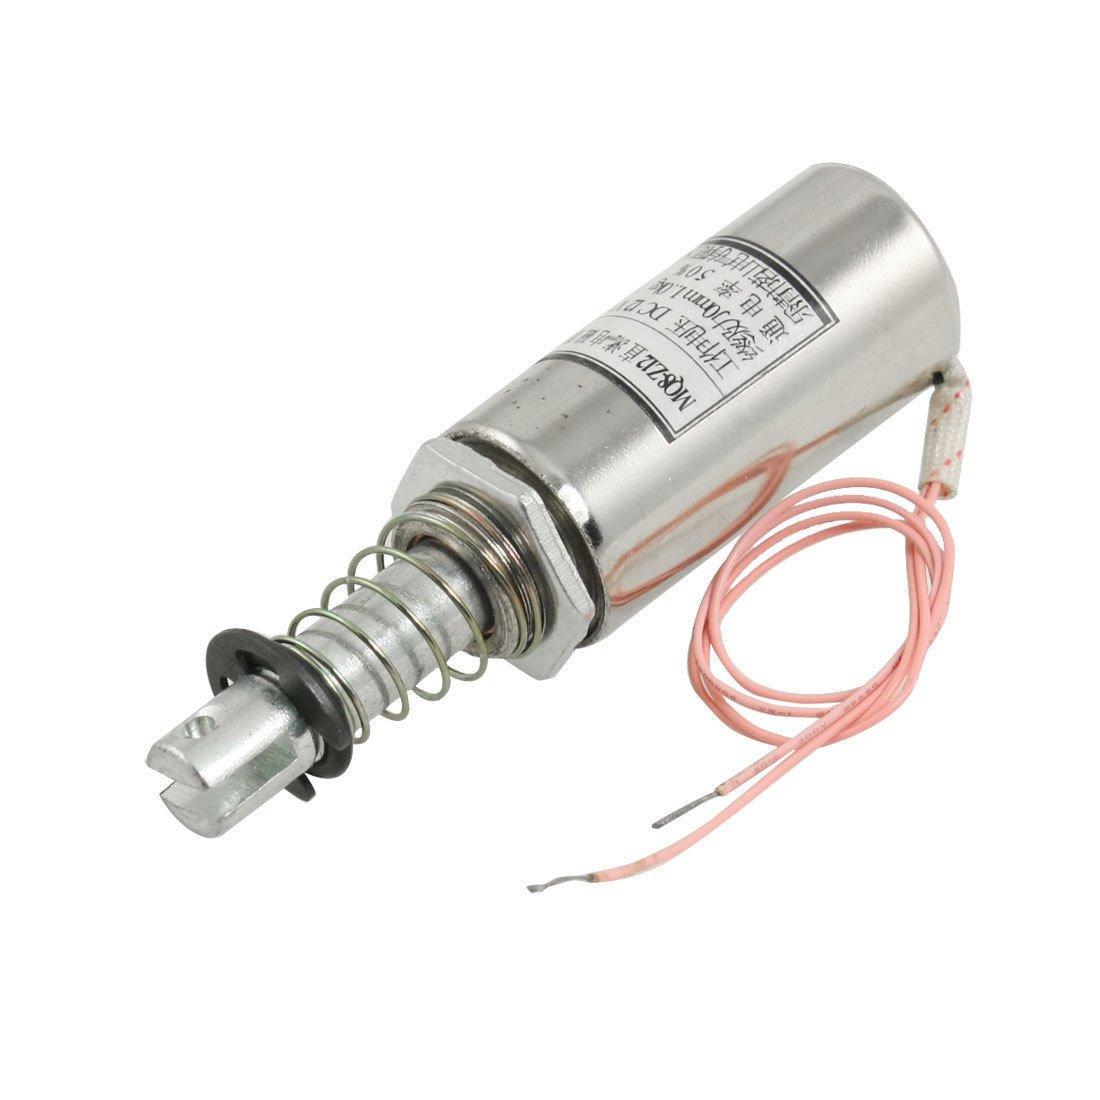 Pull Type DC 12V Linear Tubular Solenoid Electromagnet MQ8-Z12